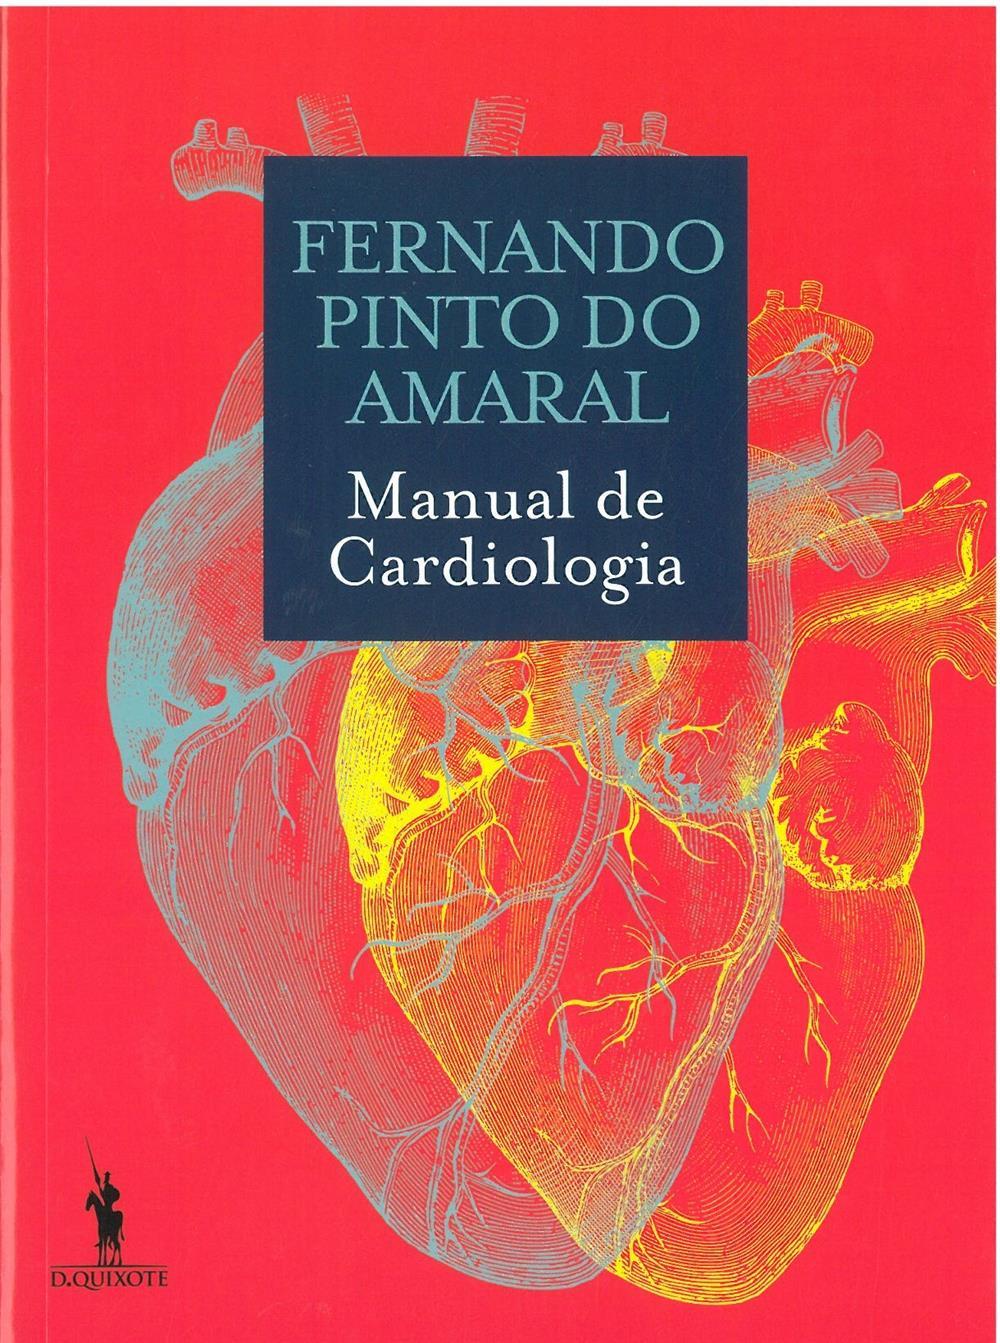 Manual de cardiologia.jpg